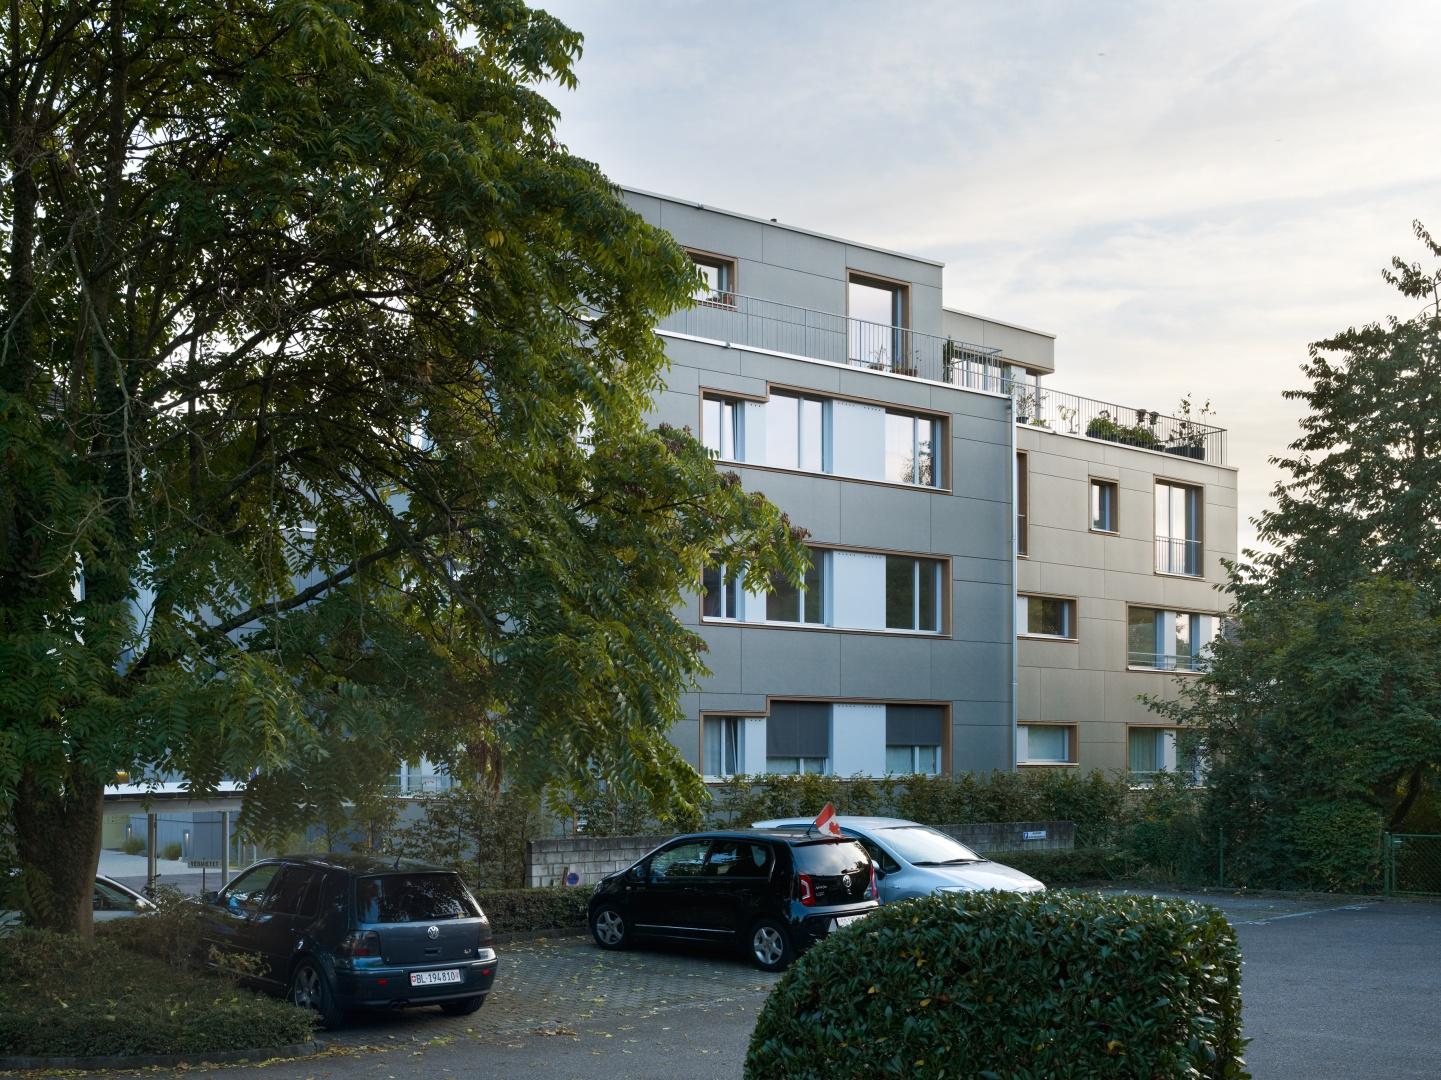 Nordfassade © Ruedi Walti Fotografie, Kannenfeldstr. 22, ch-4056 Basel